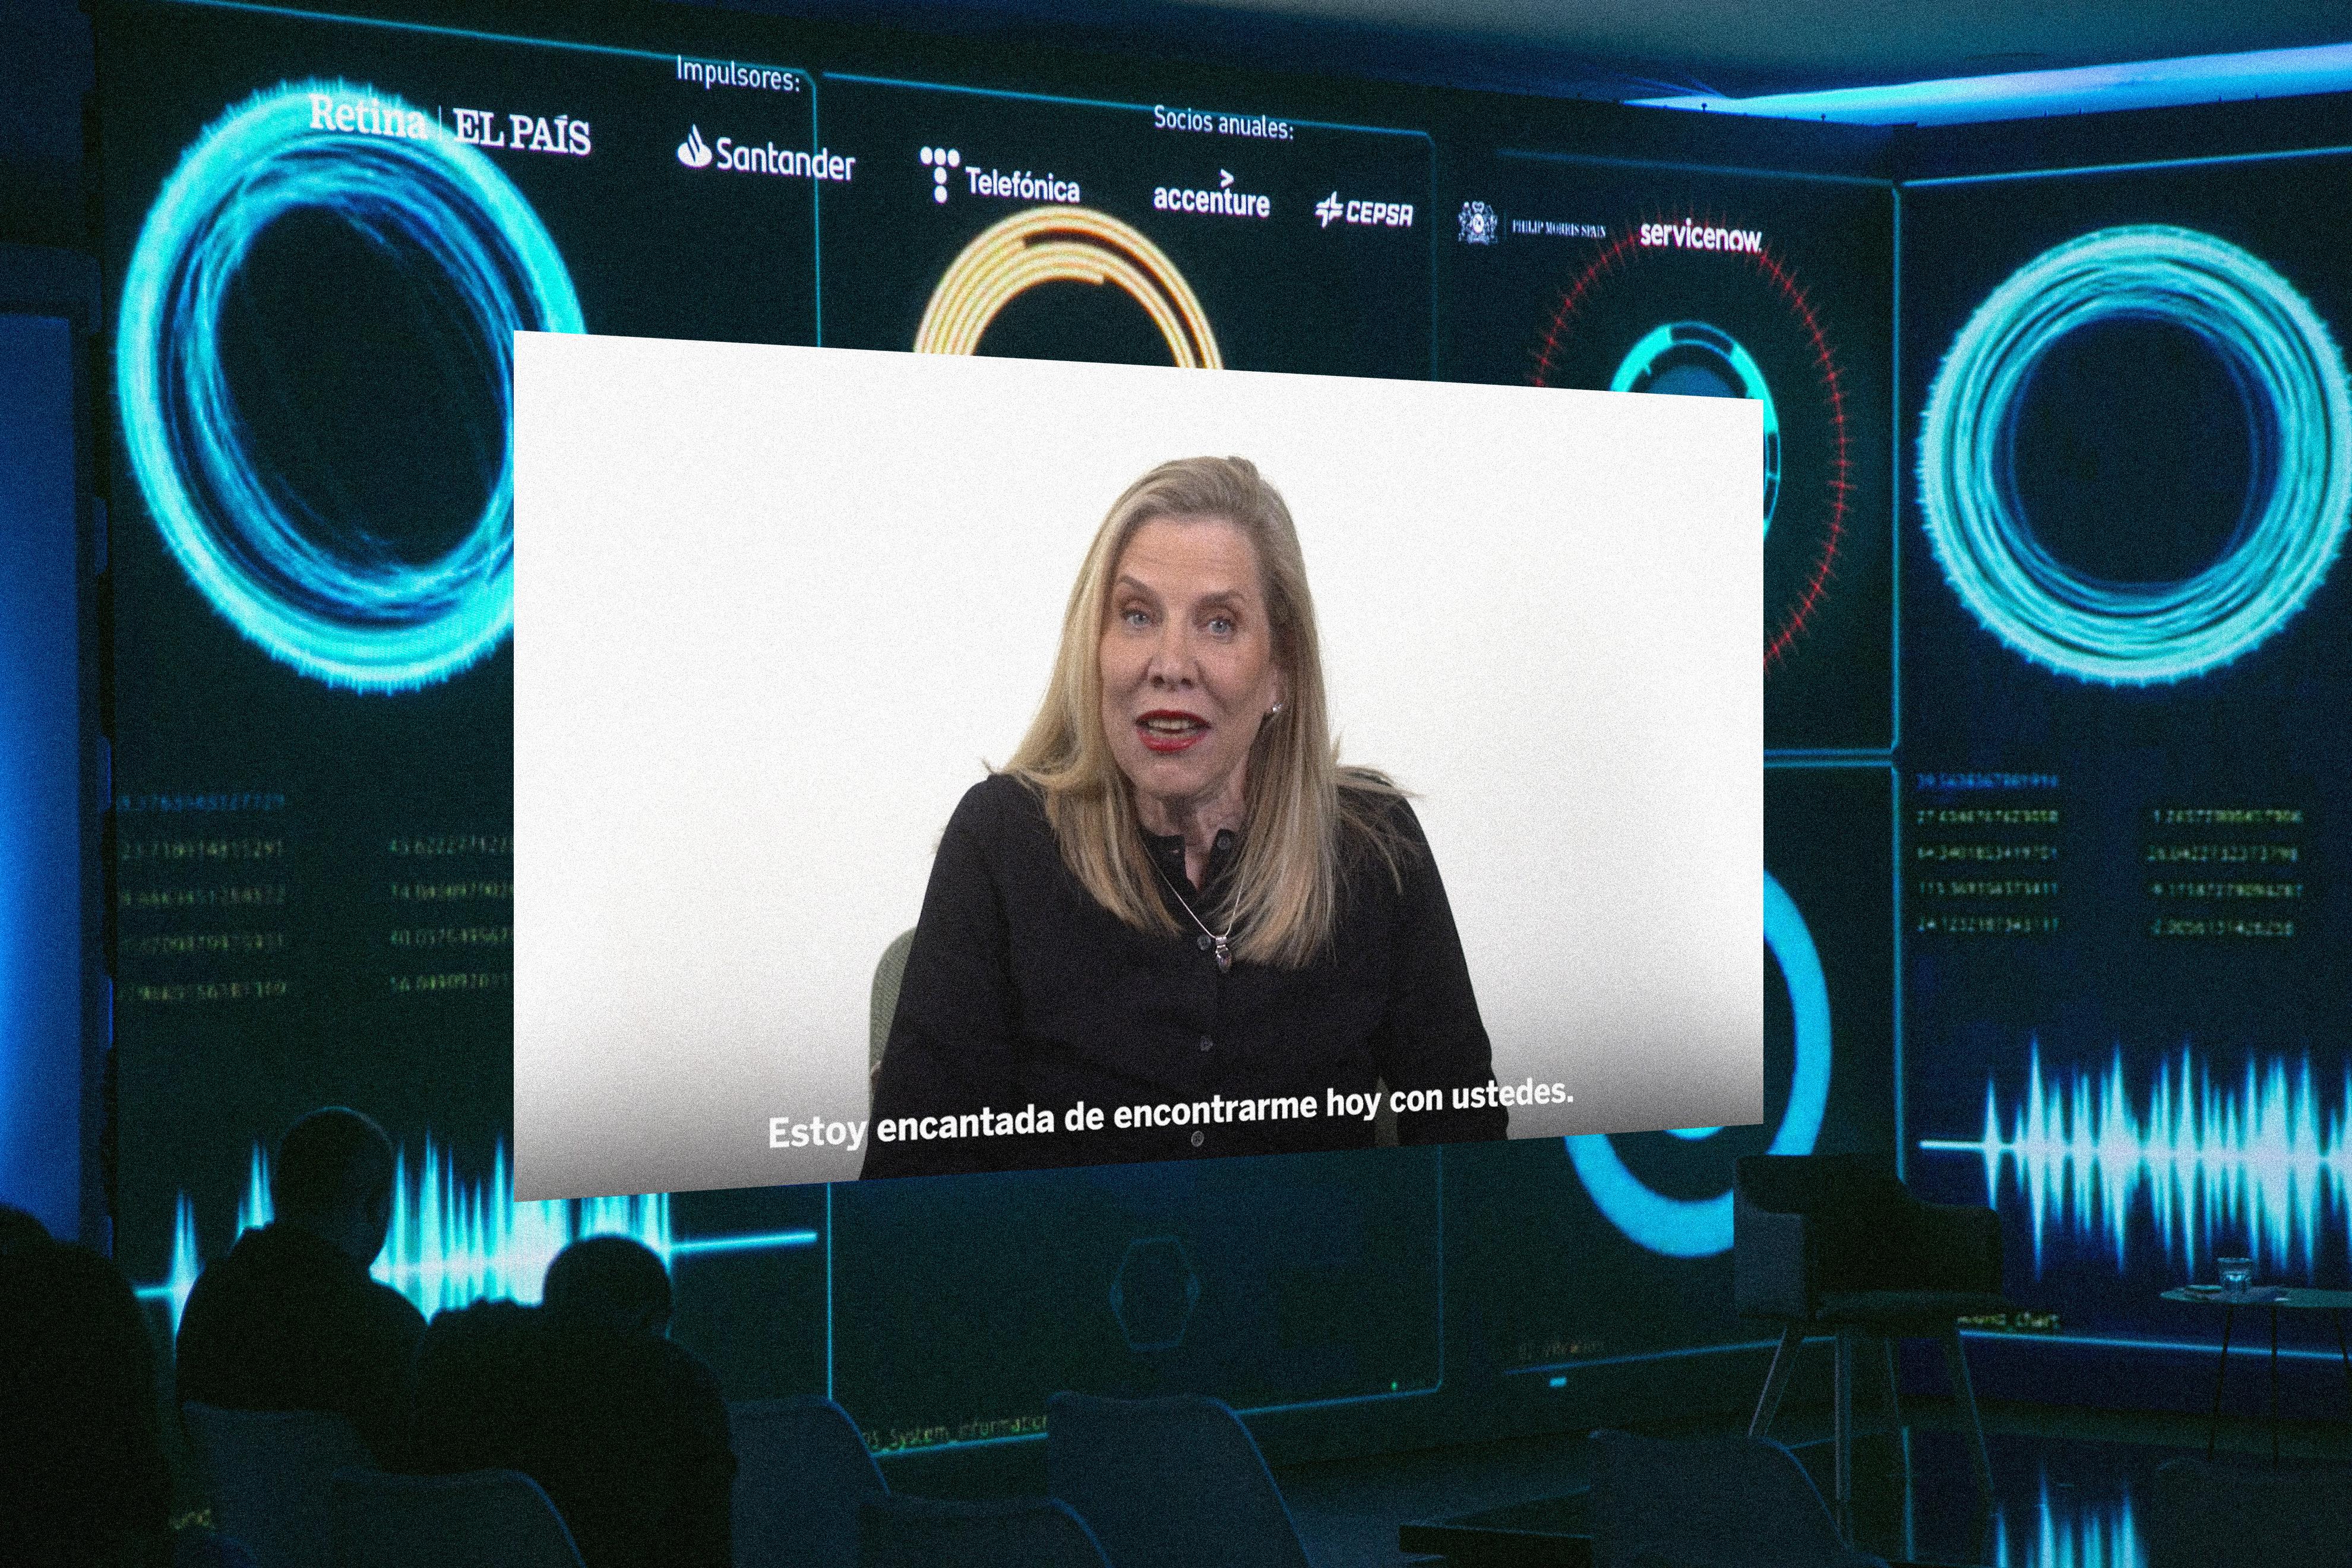 Marian Salzman, vicepresidenta 'senior' de comunicación global de Philip Morris International (PMI), participa por vídeo en el foro Retina SQL.